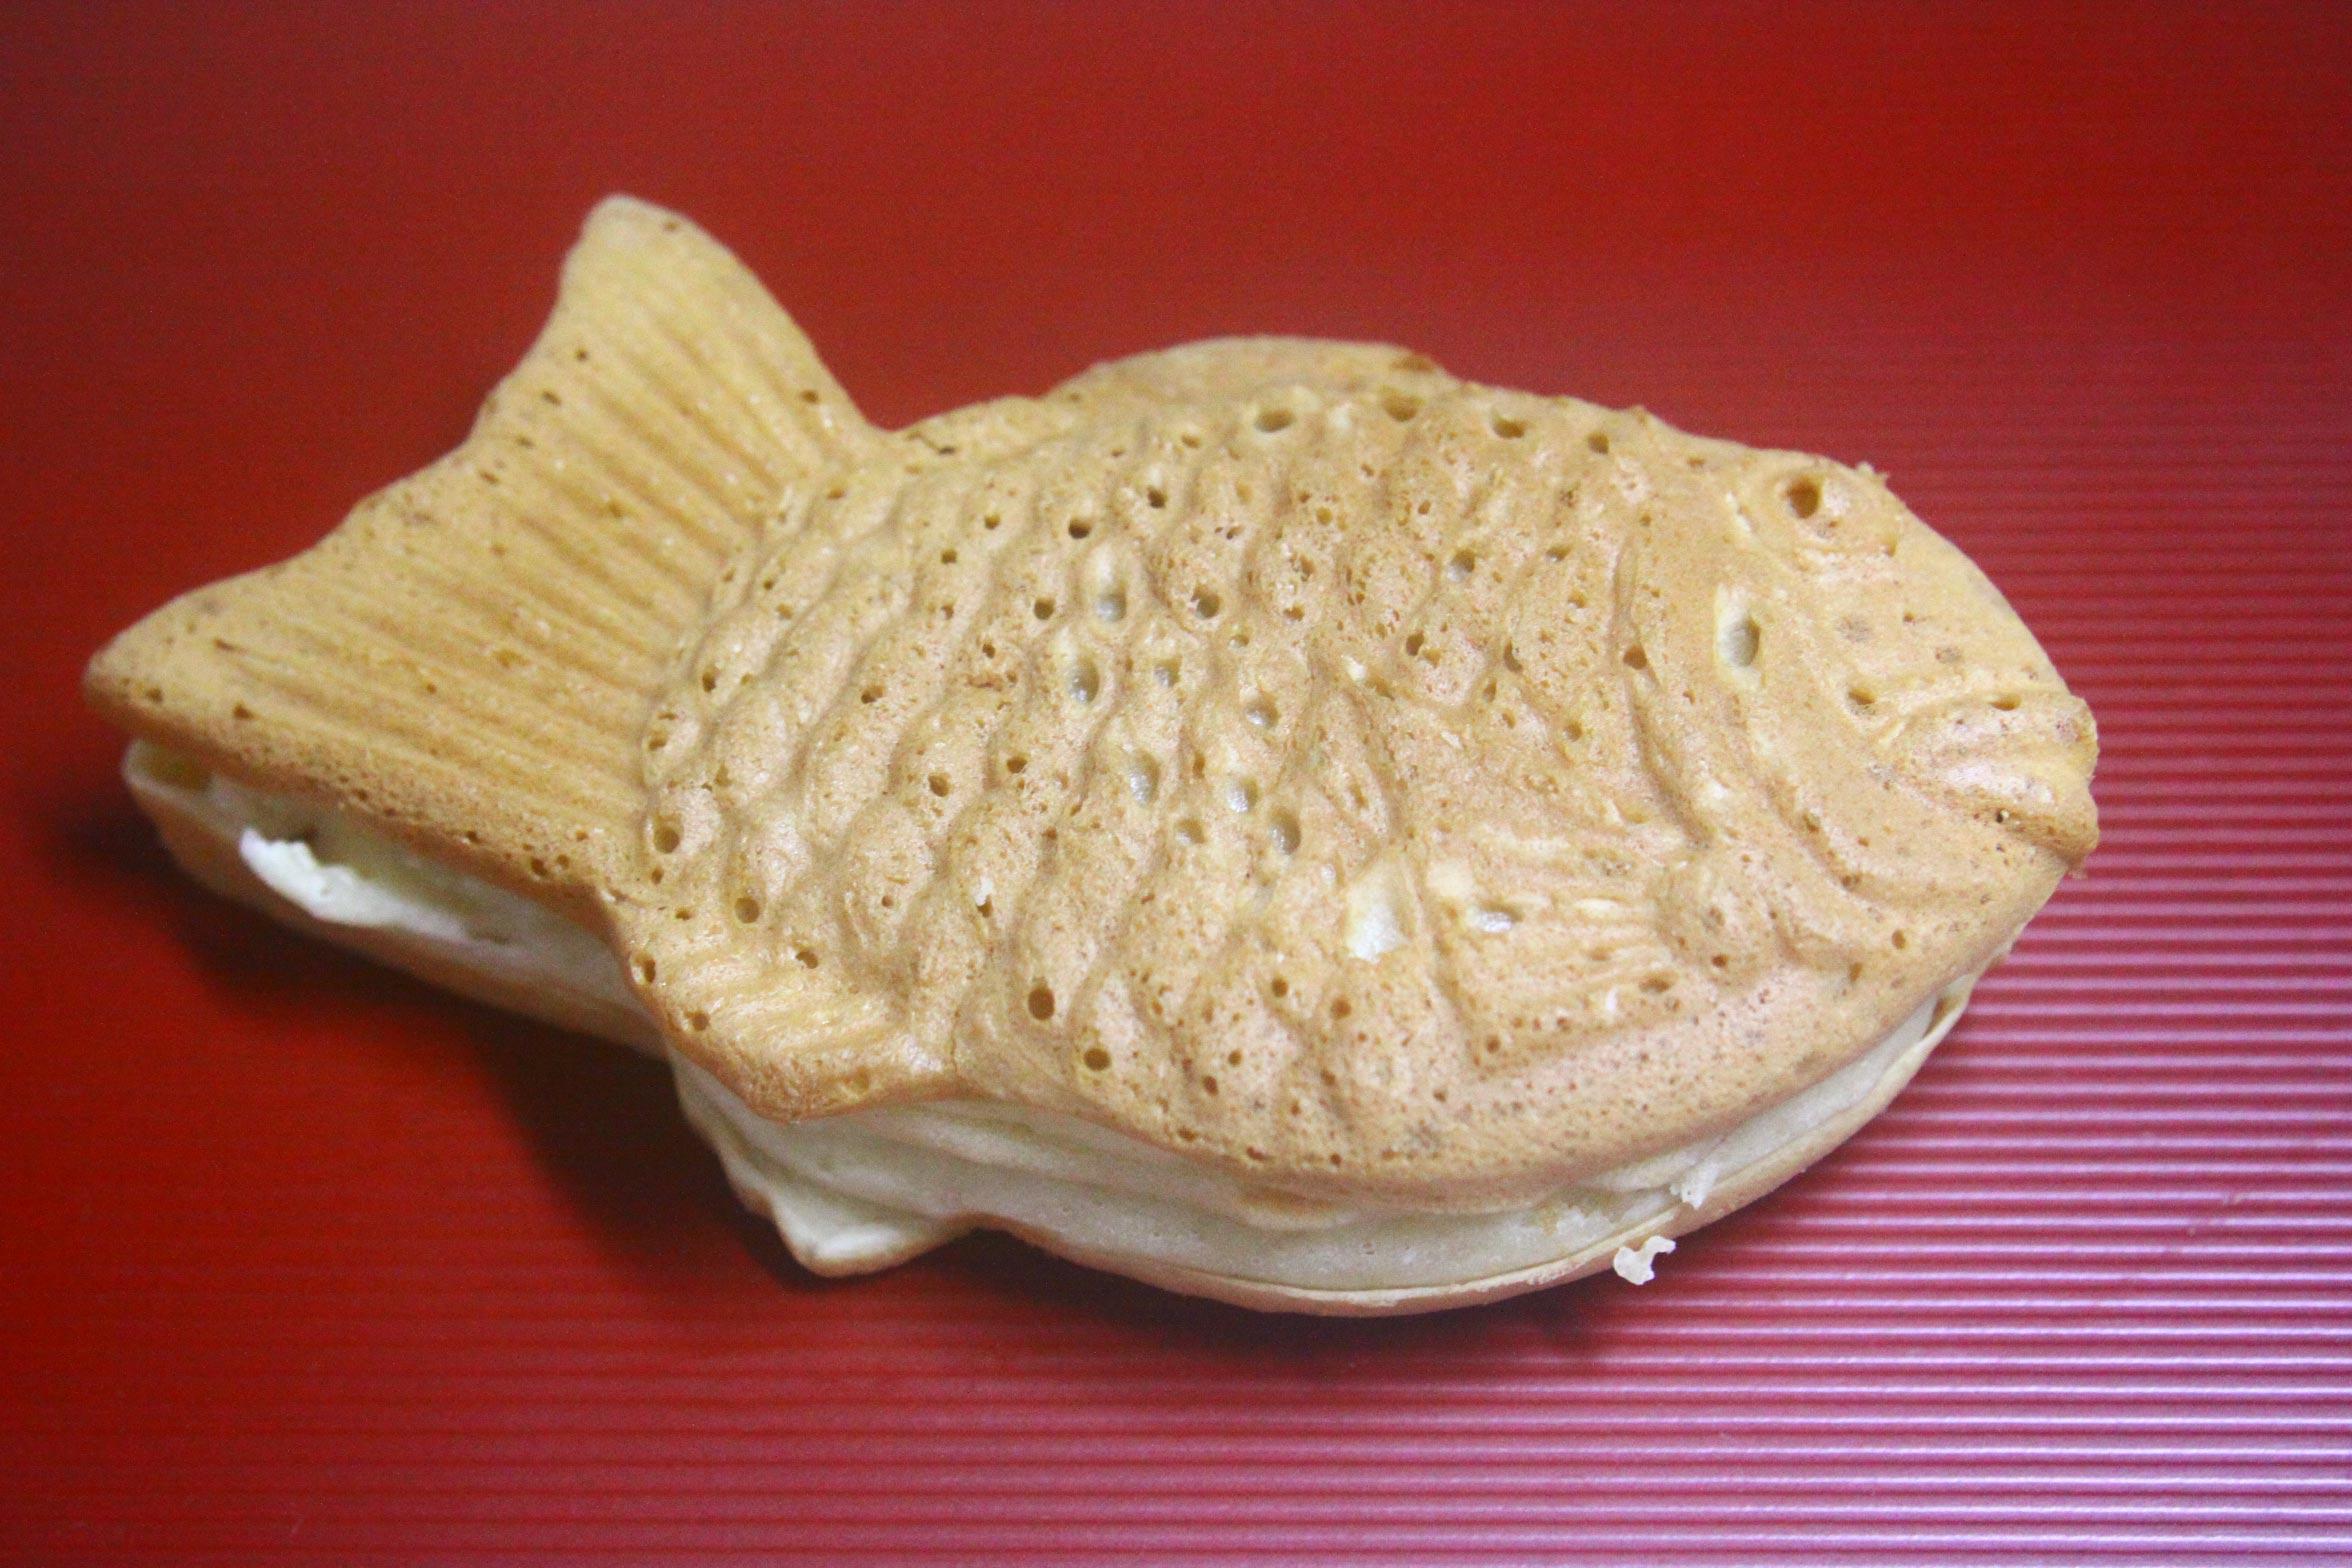 ブルメールHAT神戸の関西スーパ?のファーストフードの1つ50円だったおいしいたいやき